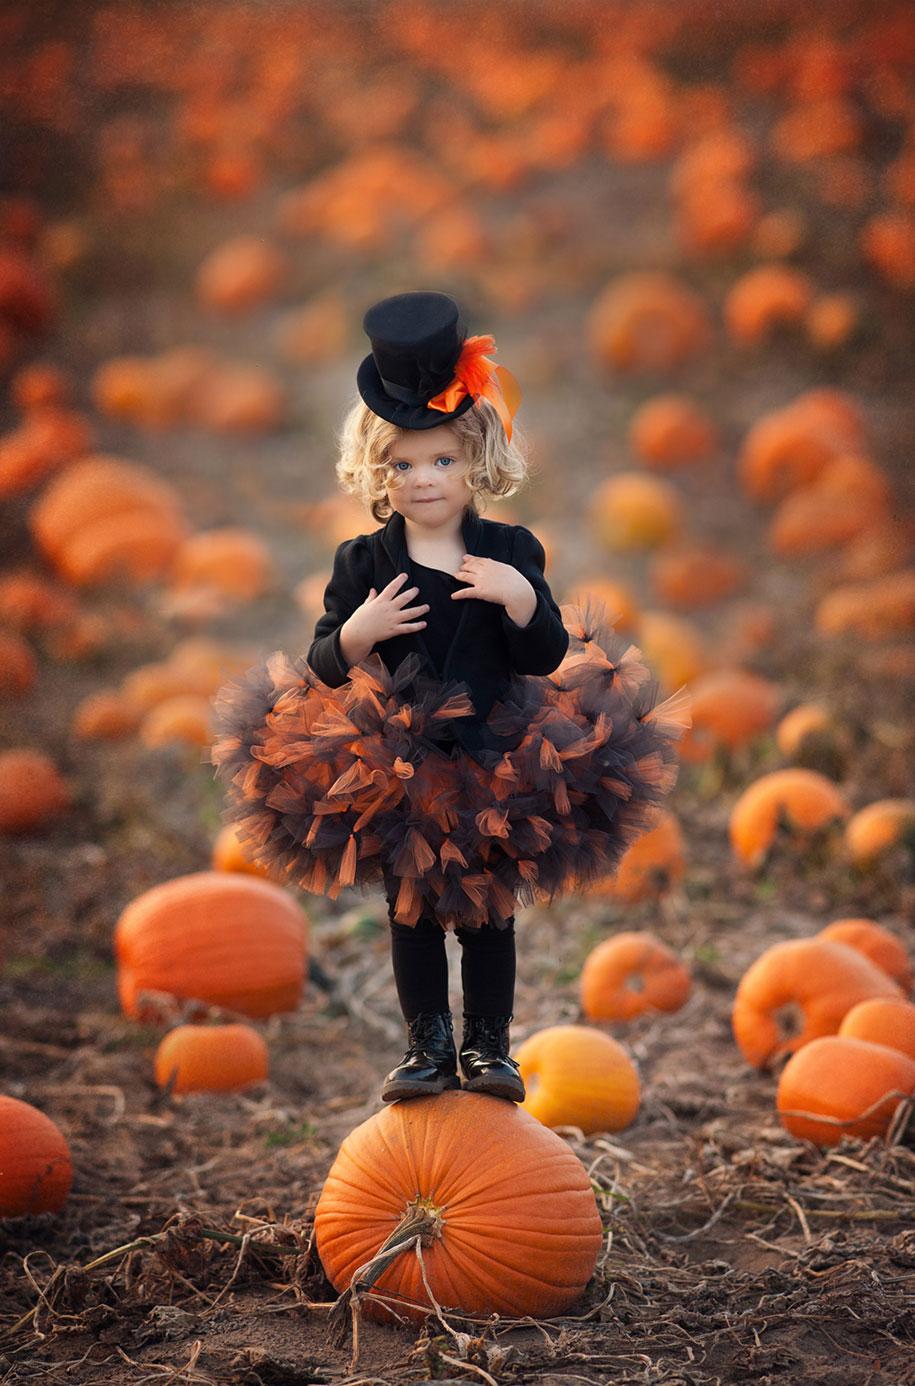 photographer-captures-children-in-costumes-childhood-anna-rozwadowska-4